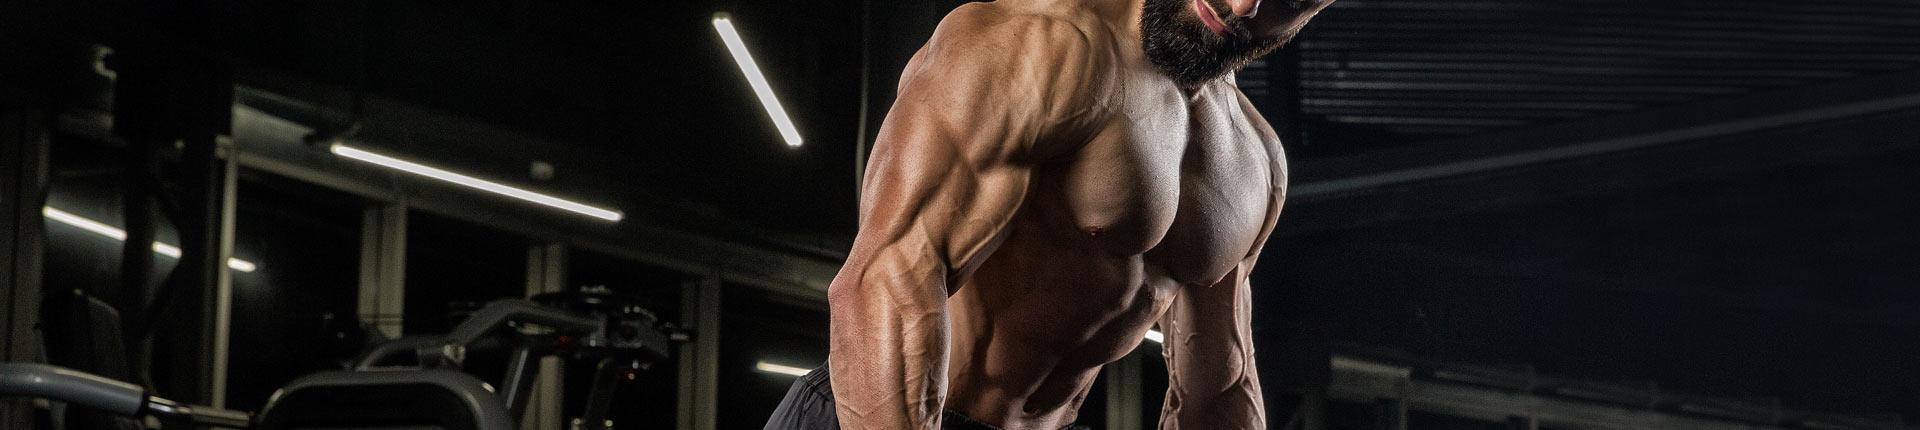 Jak zbudować czystą masę mięśniową? Wykorzystaj 10 porad!